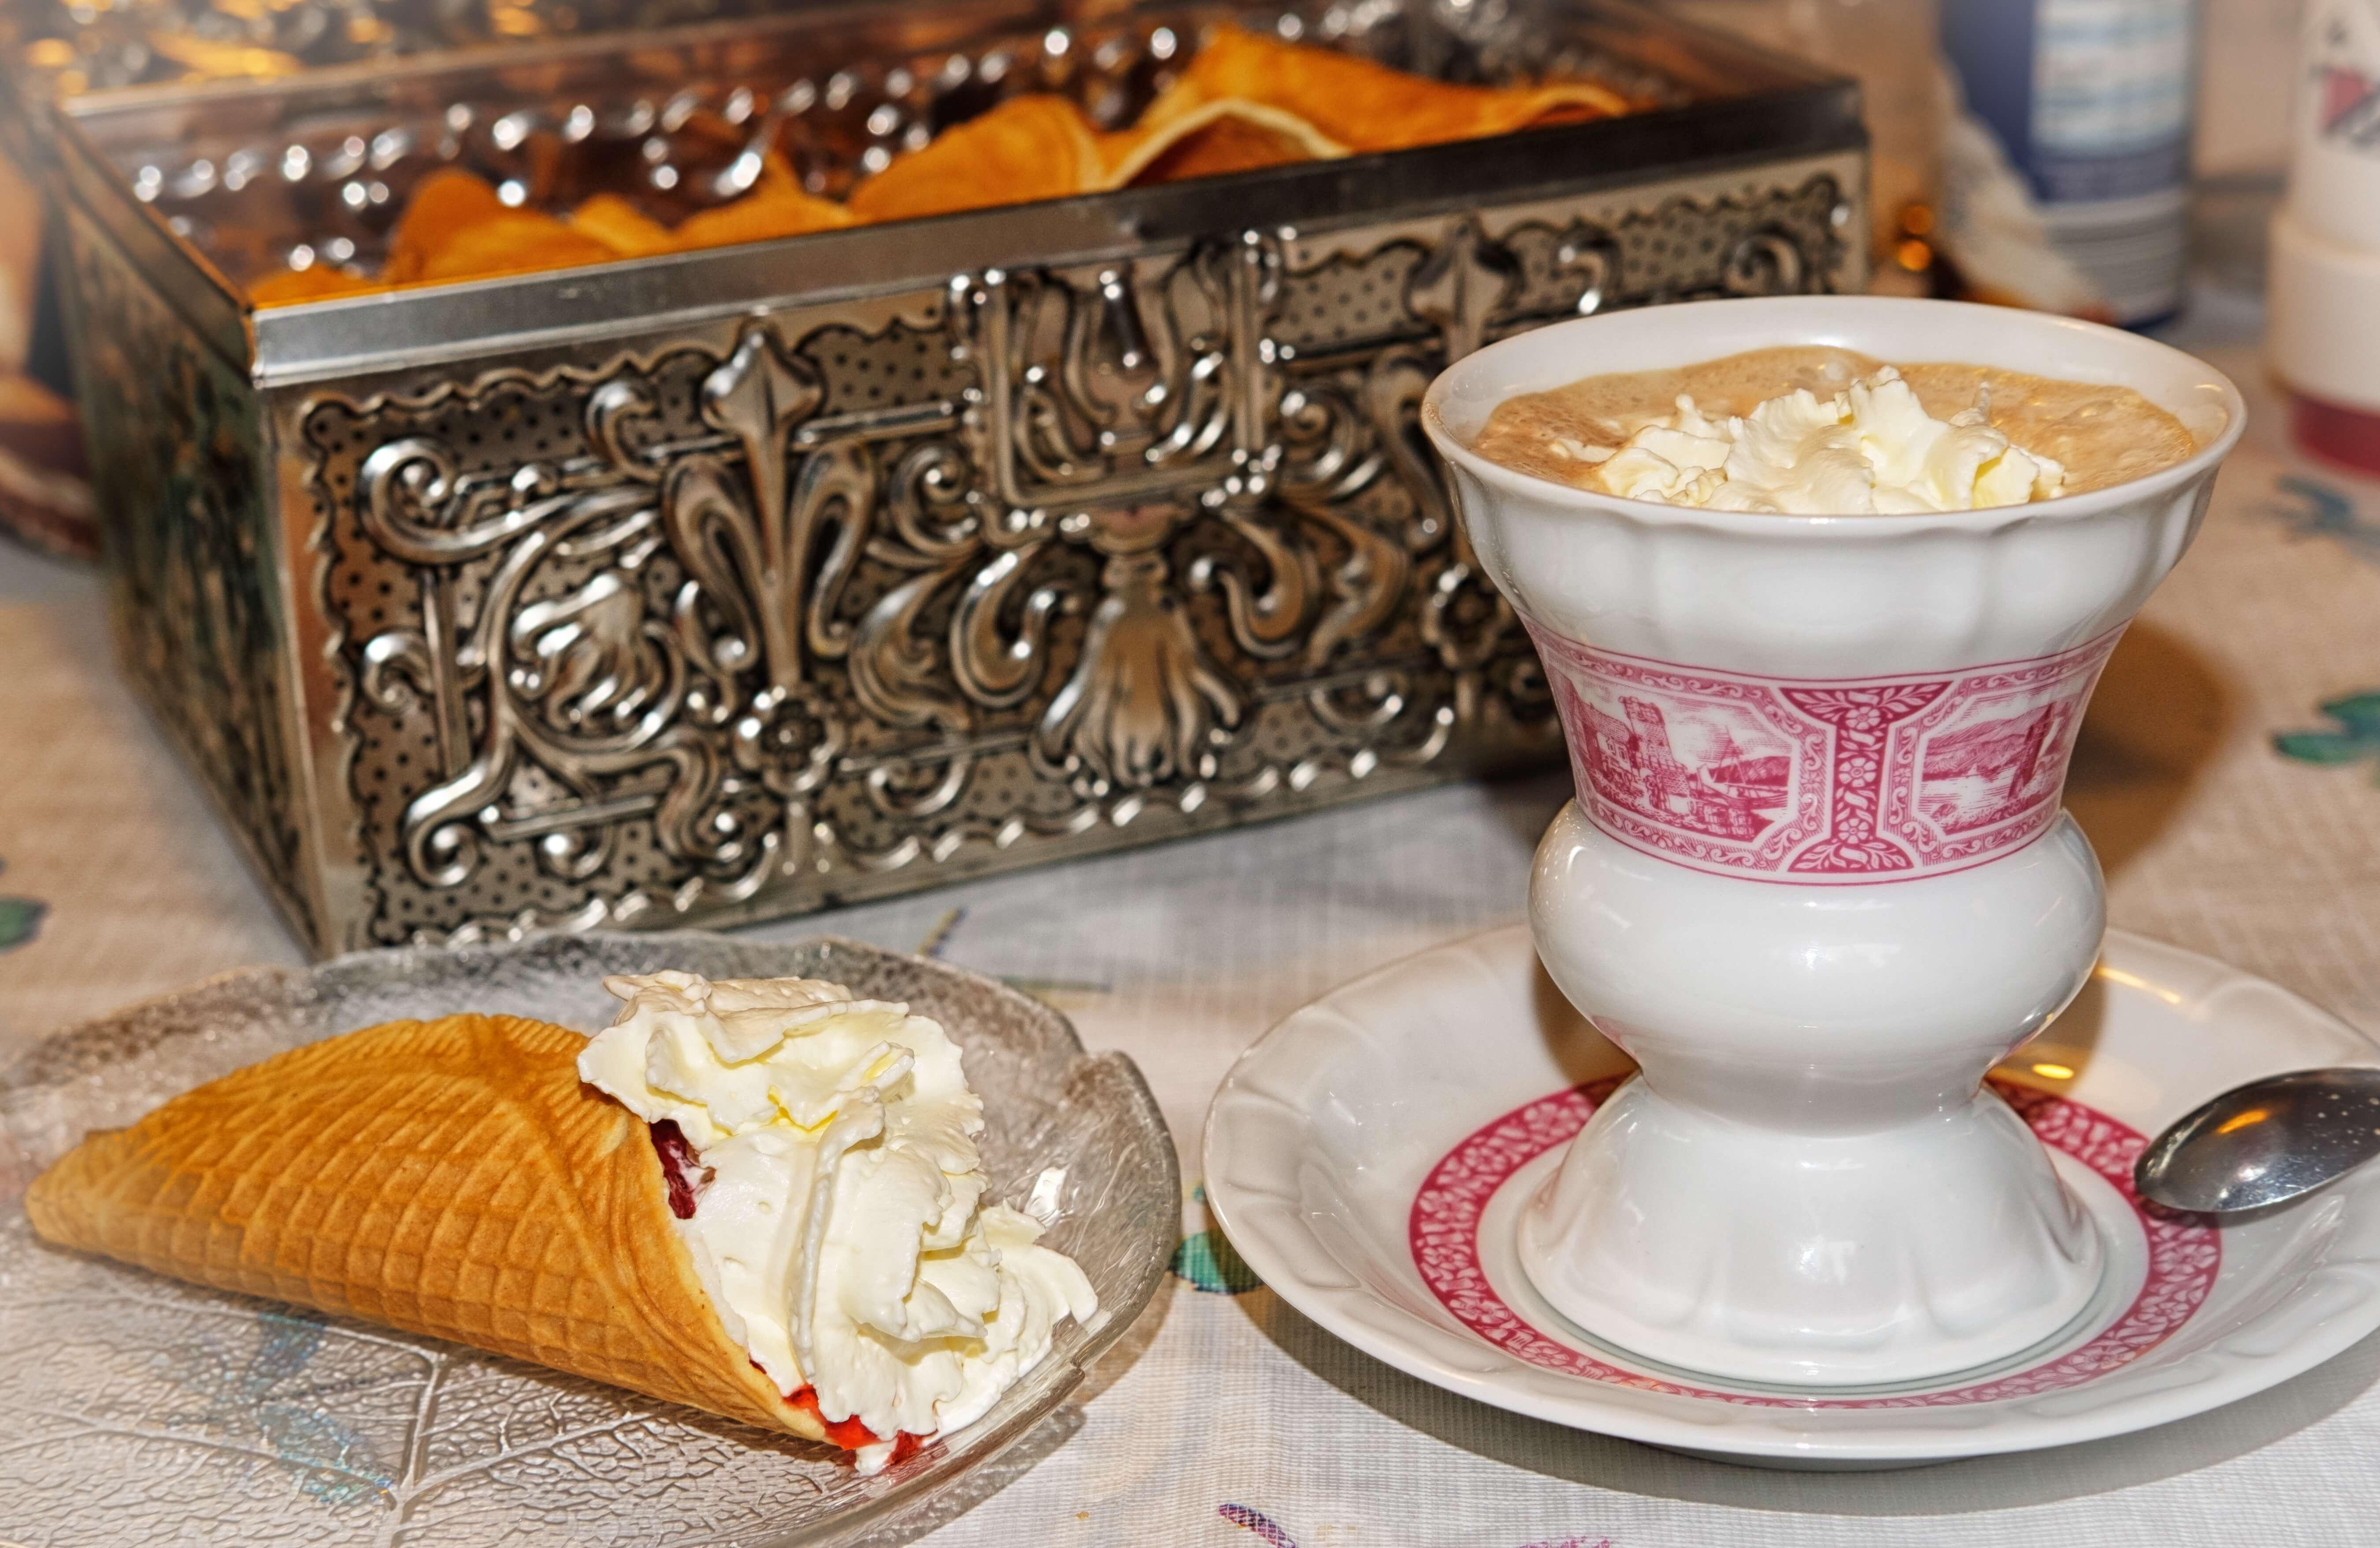 Eiskaffee Wien